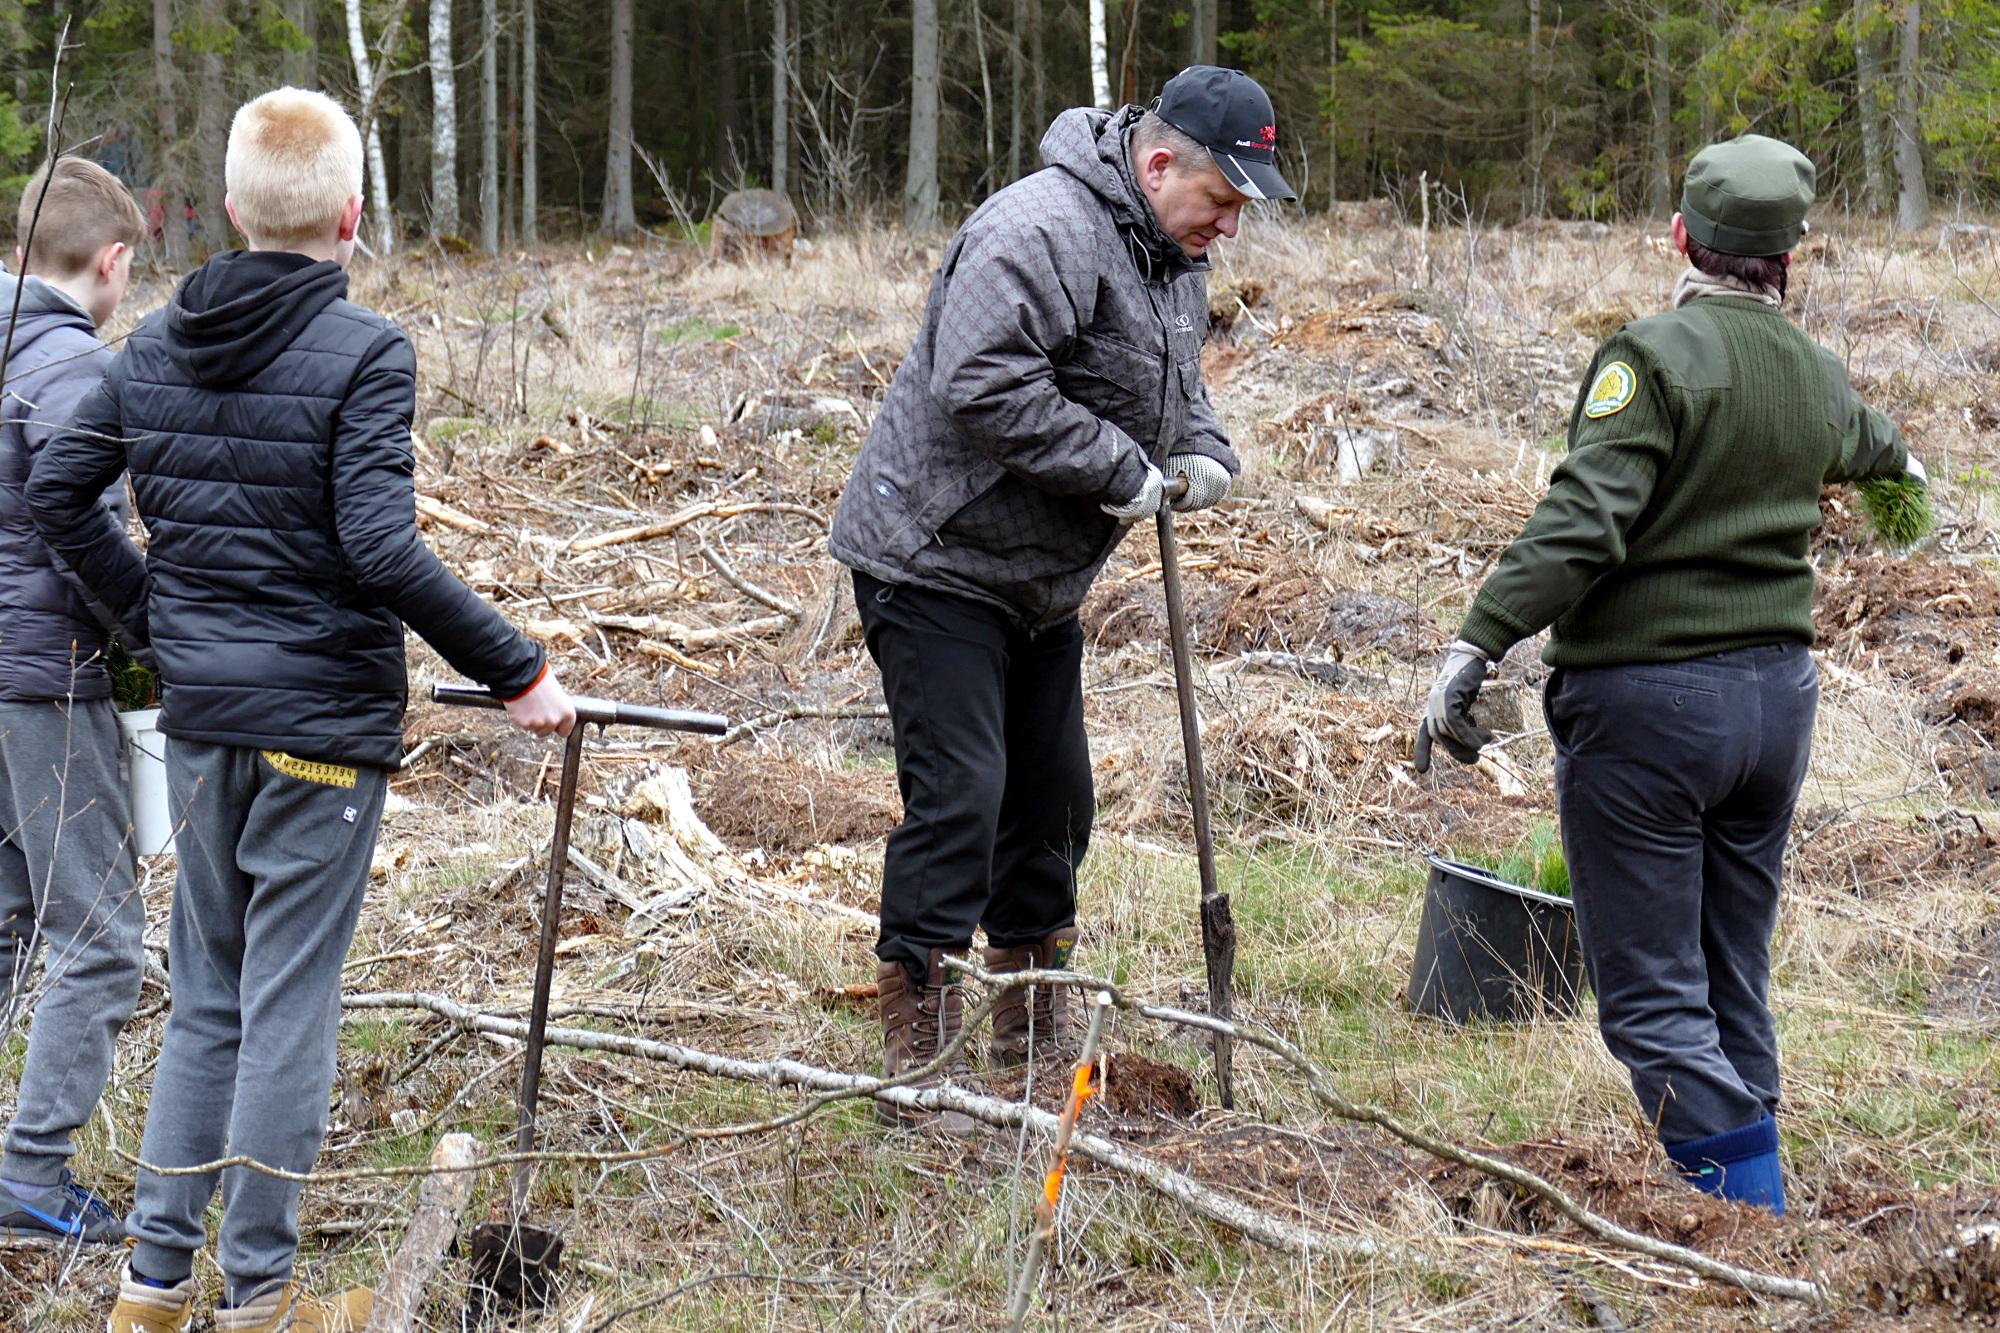 Kartu su šilutiškiais mišką sodino Seimo pirmininko pavaduotojas Kęstas Komskis.